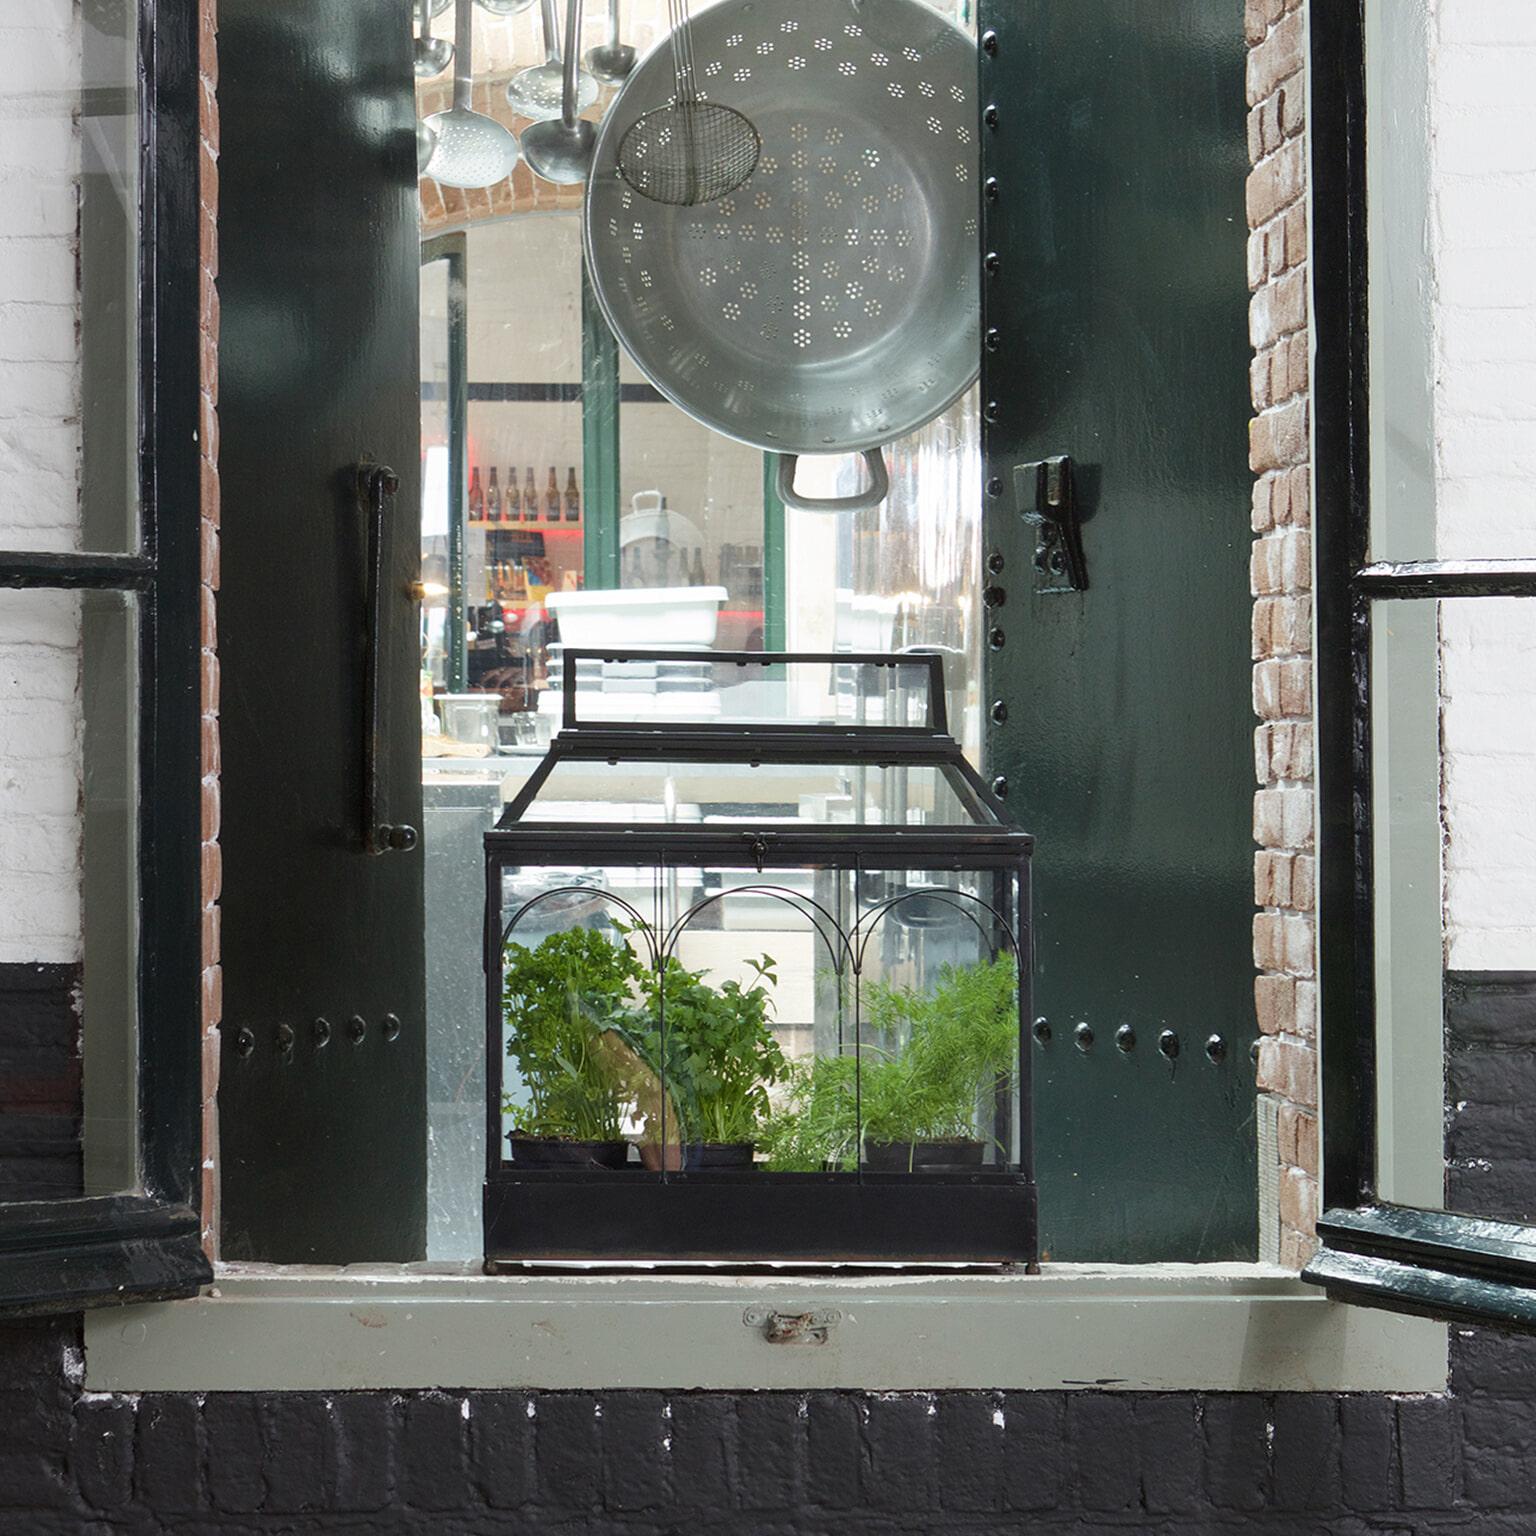 BePureHome Plantenhouder 'Grow', kleur Zwart Metaal met glas aanschaffen? Kijk hier!